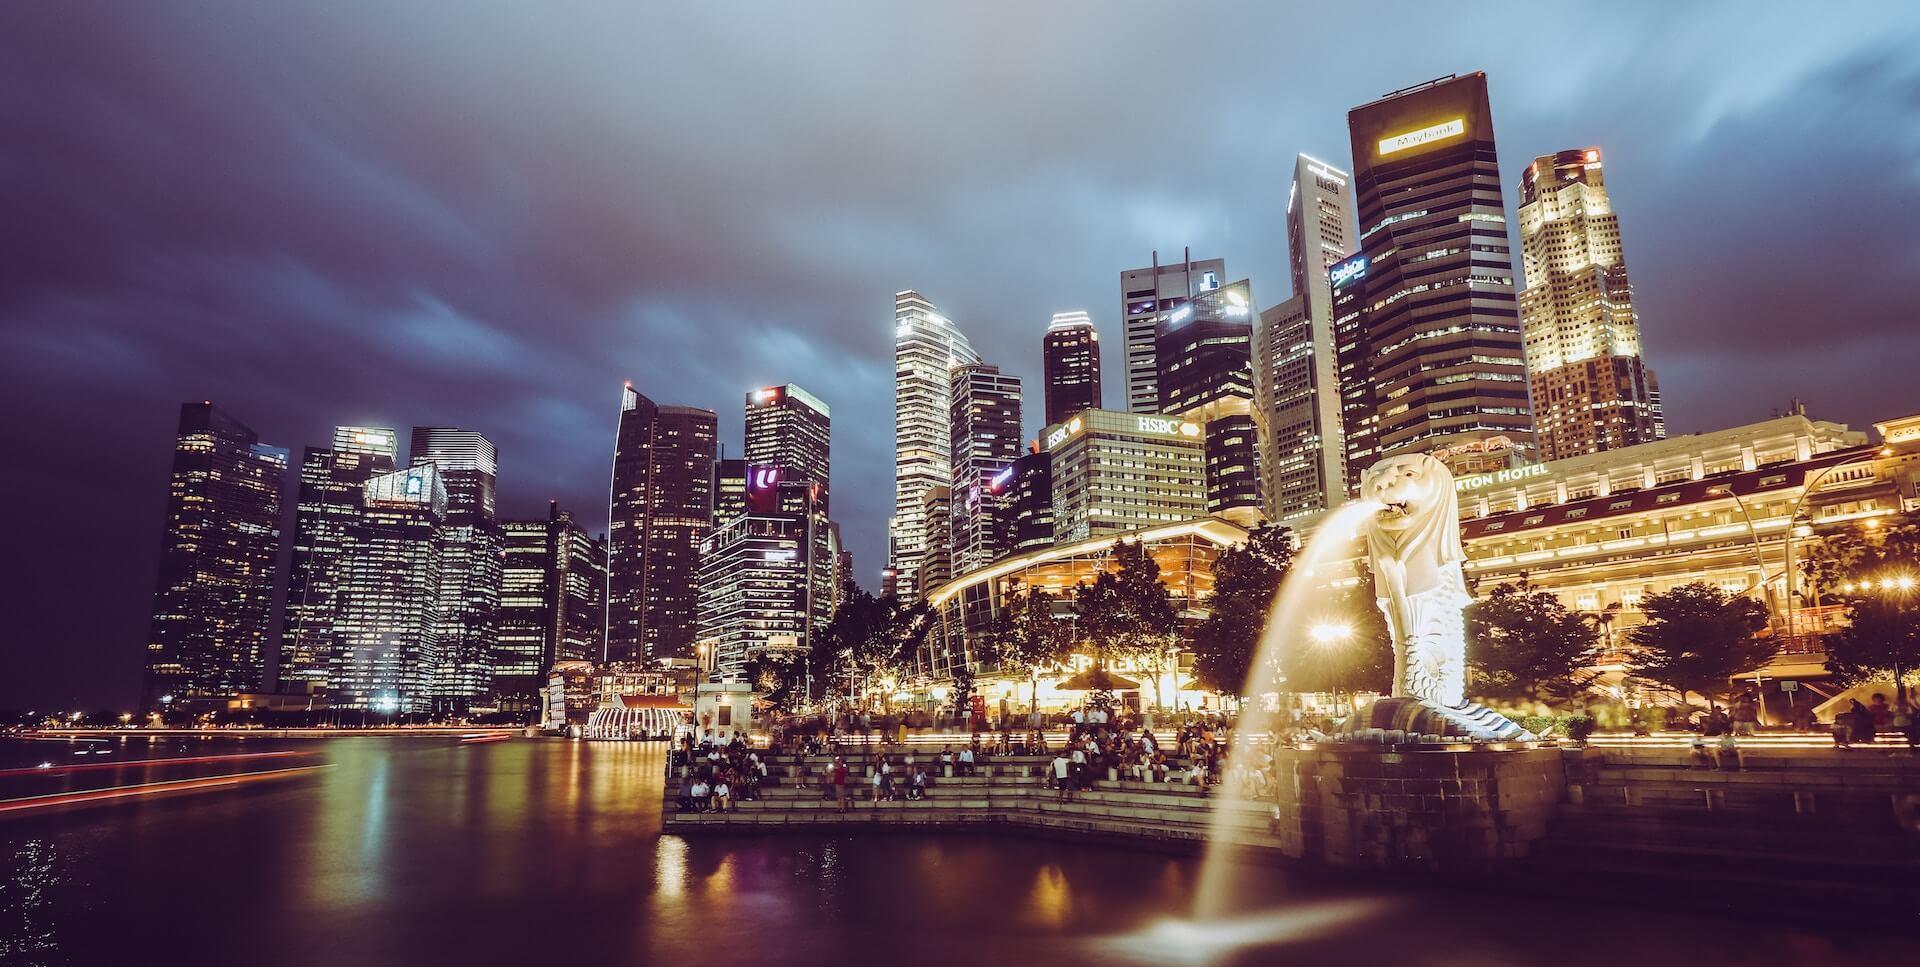 Günstige Flüge nach Singapur buchen - airguru.de